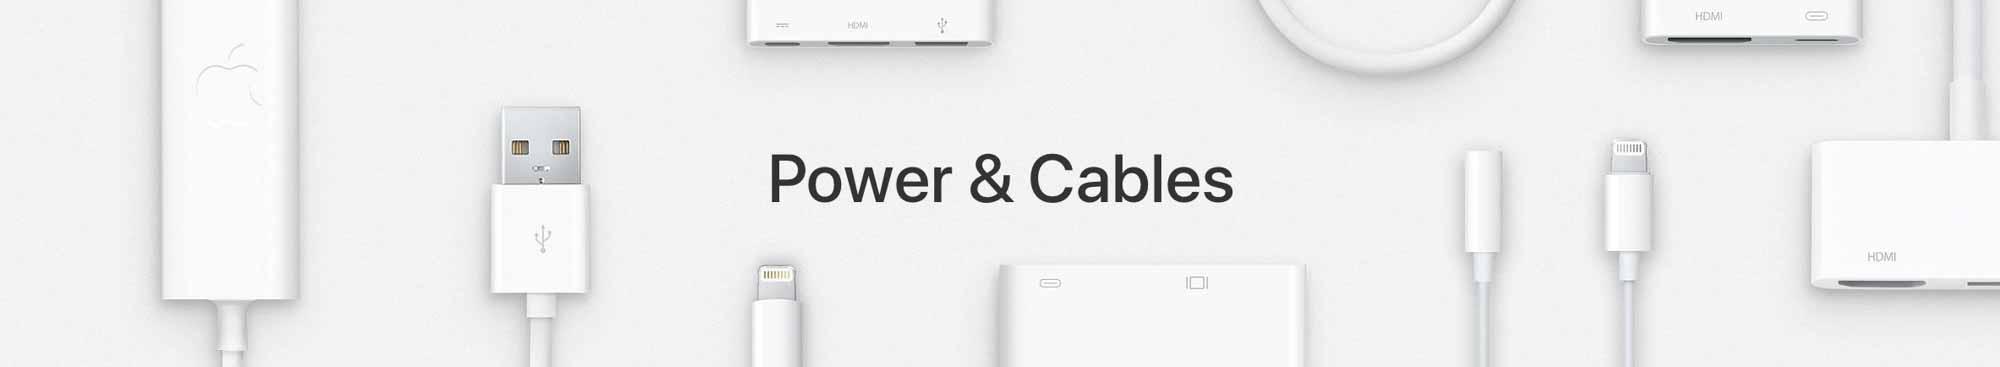 Быстрая зарядка iPhone iPad с помощью зарядного устройства MacBook?